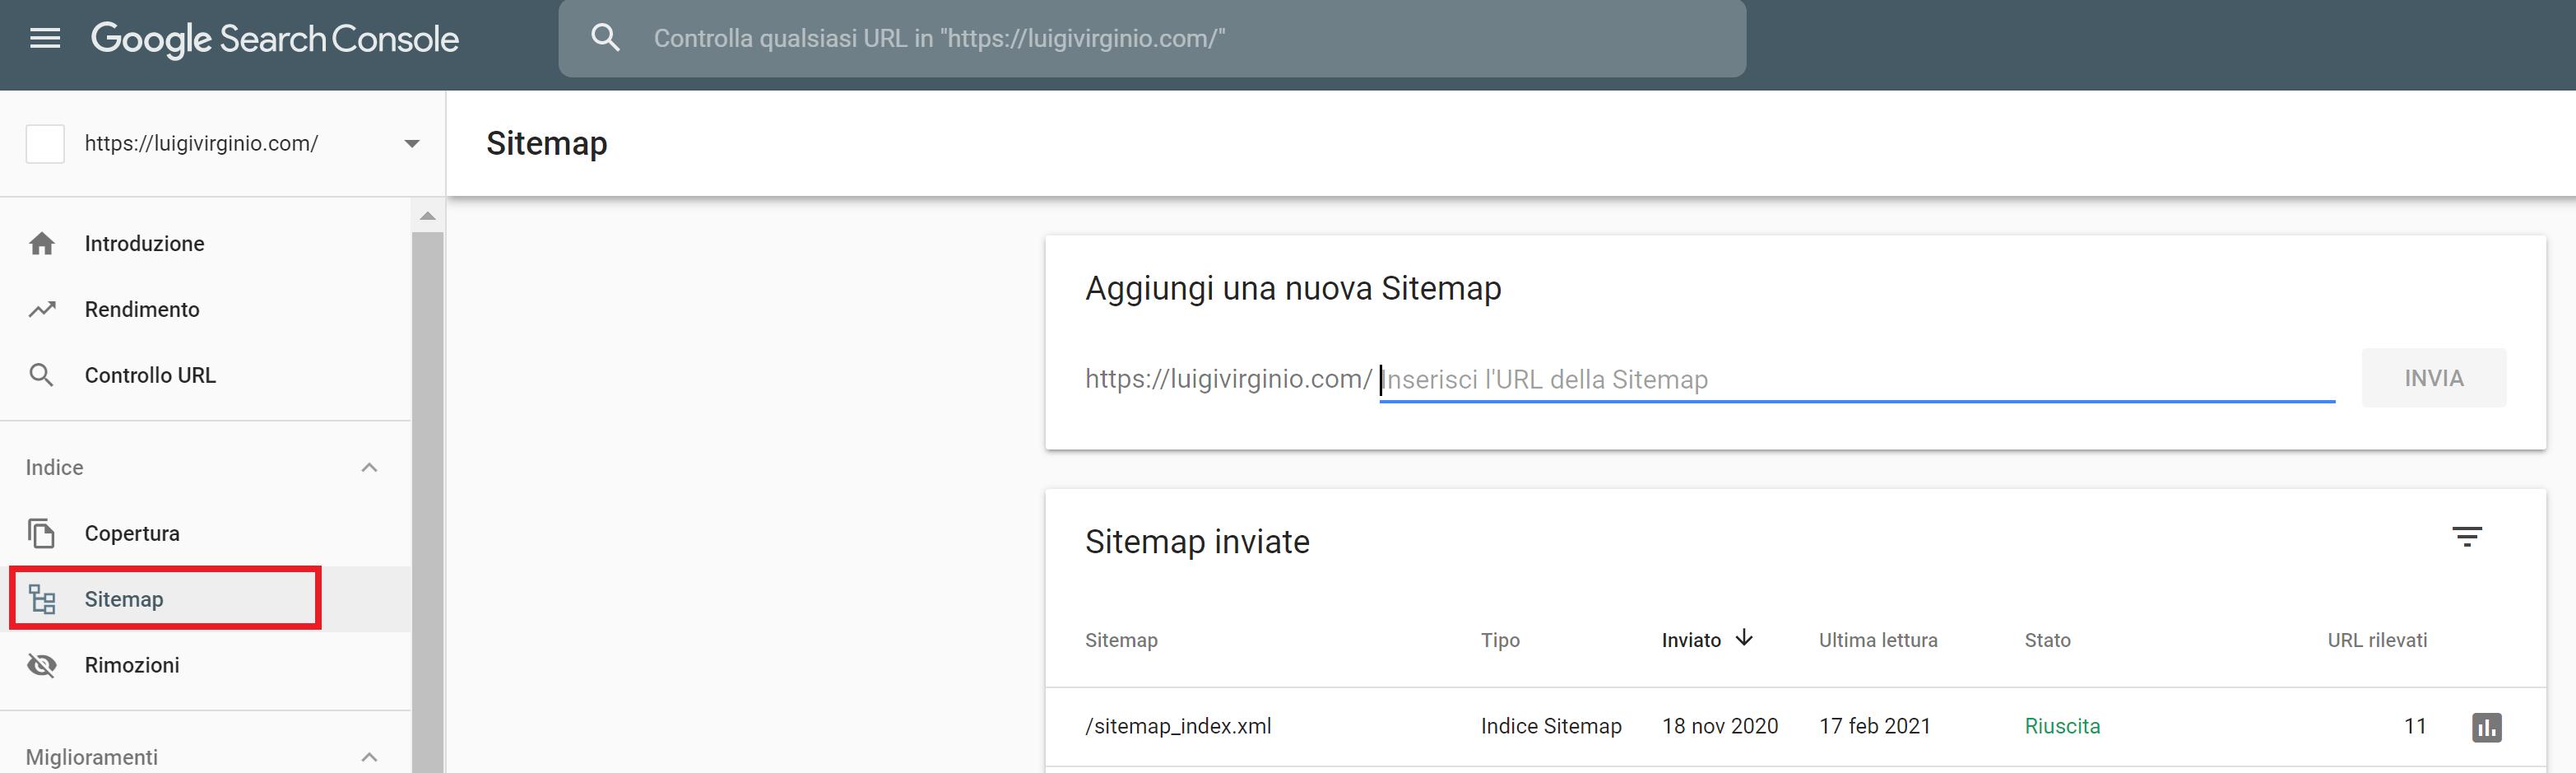 inviare una sitemap a Google